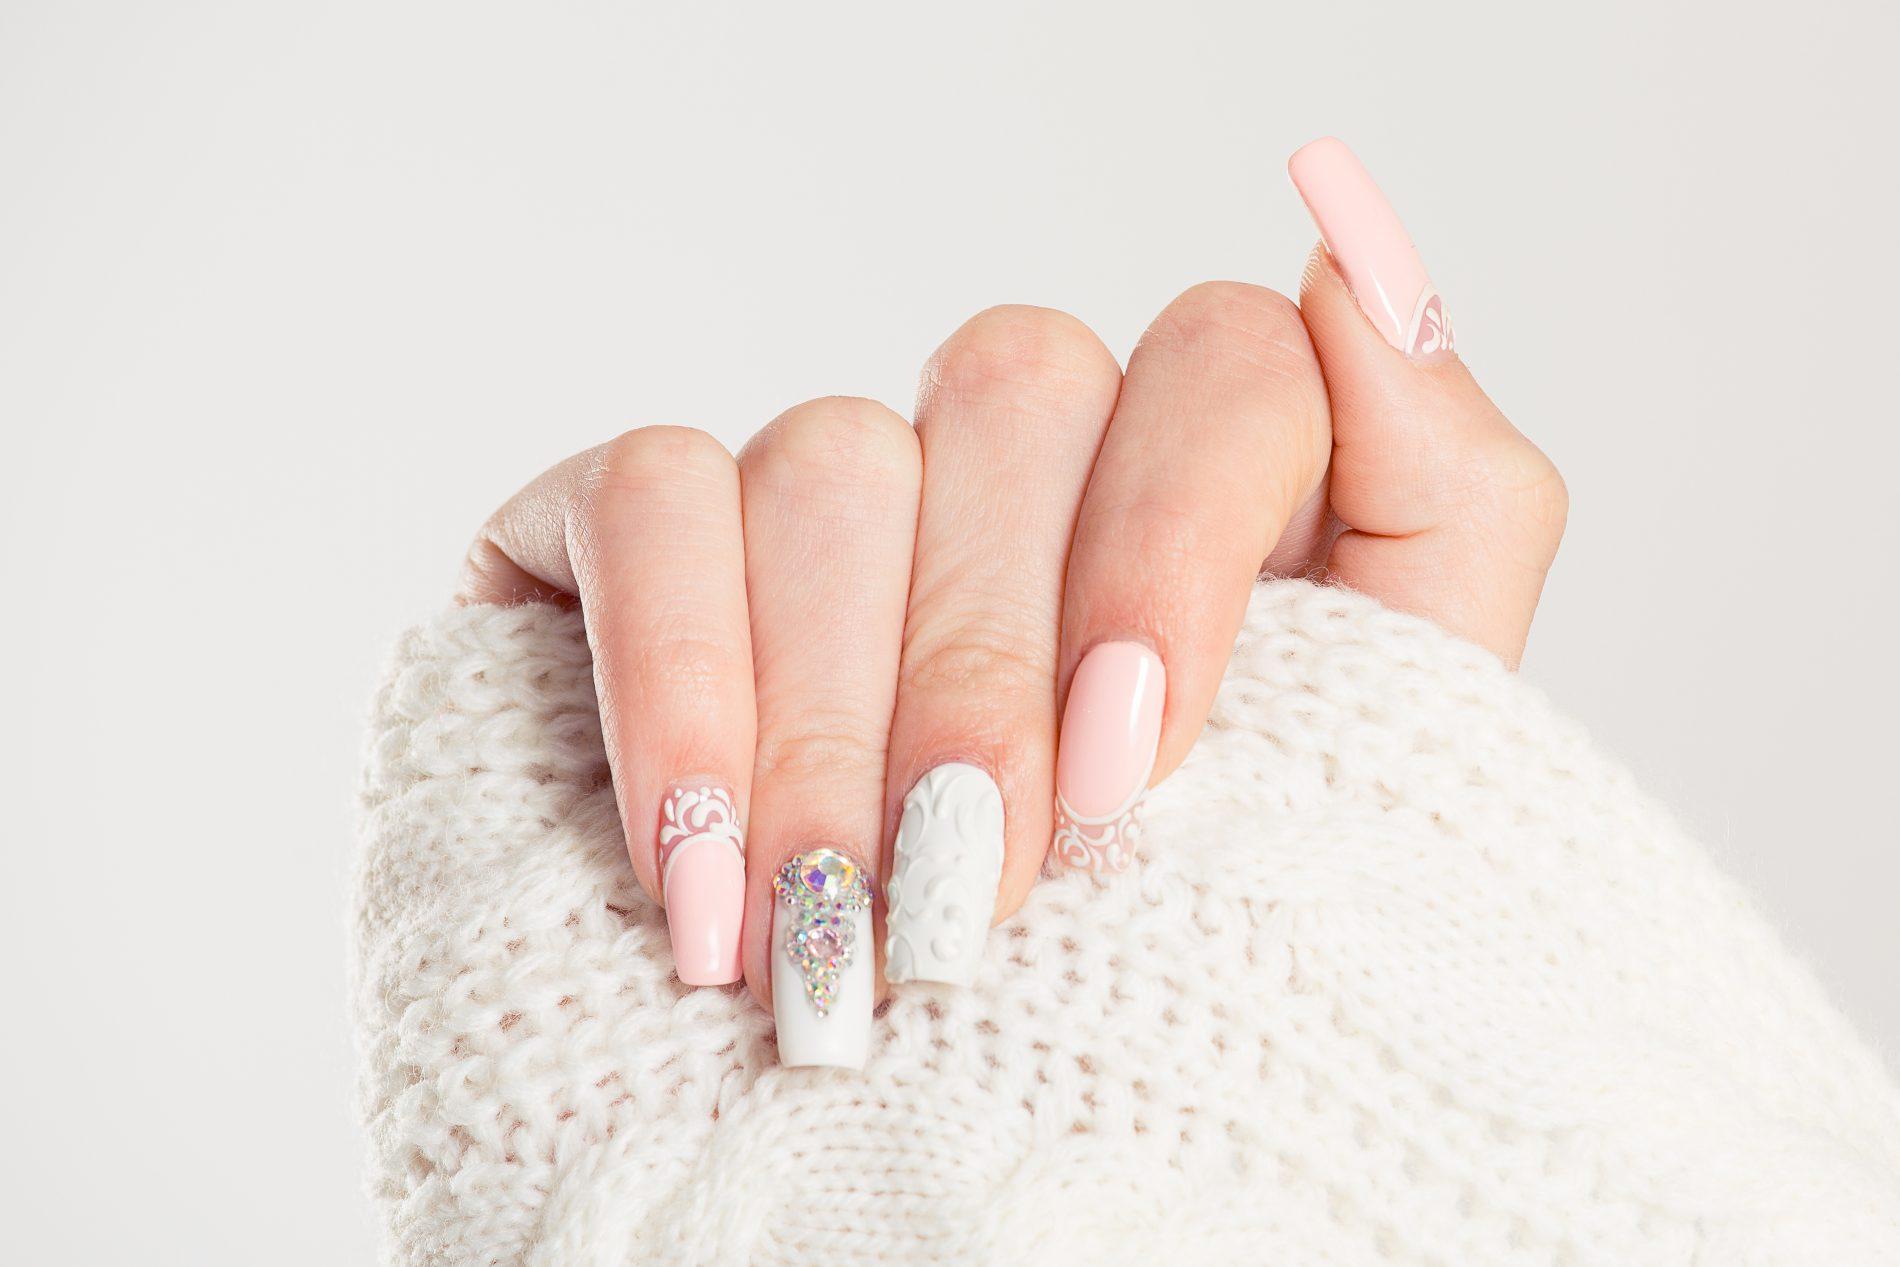 nail dip powder